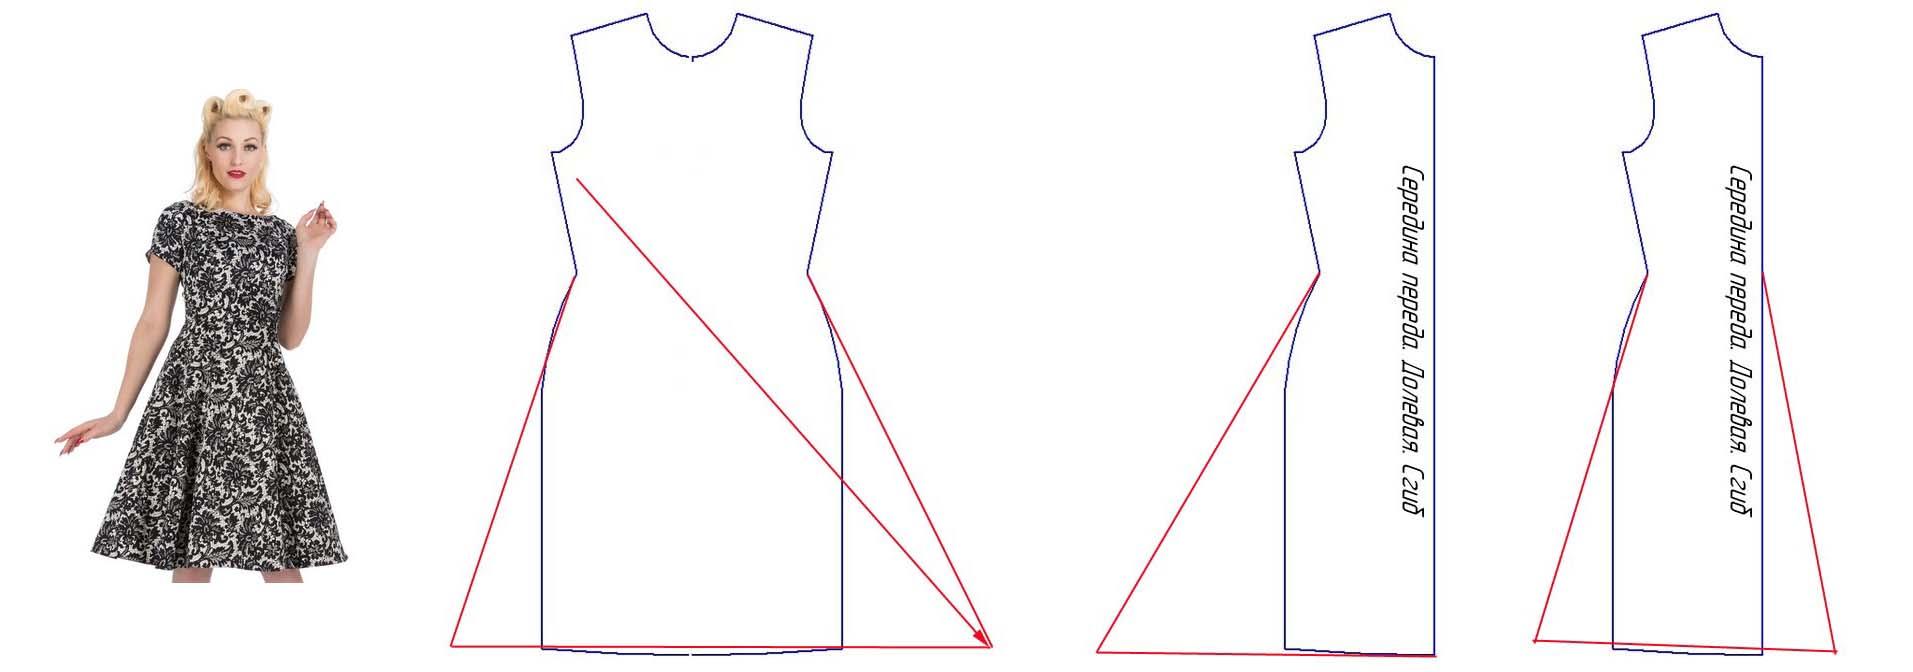 Выкройка платье завышенной талией своими руками